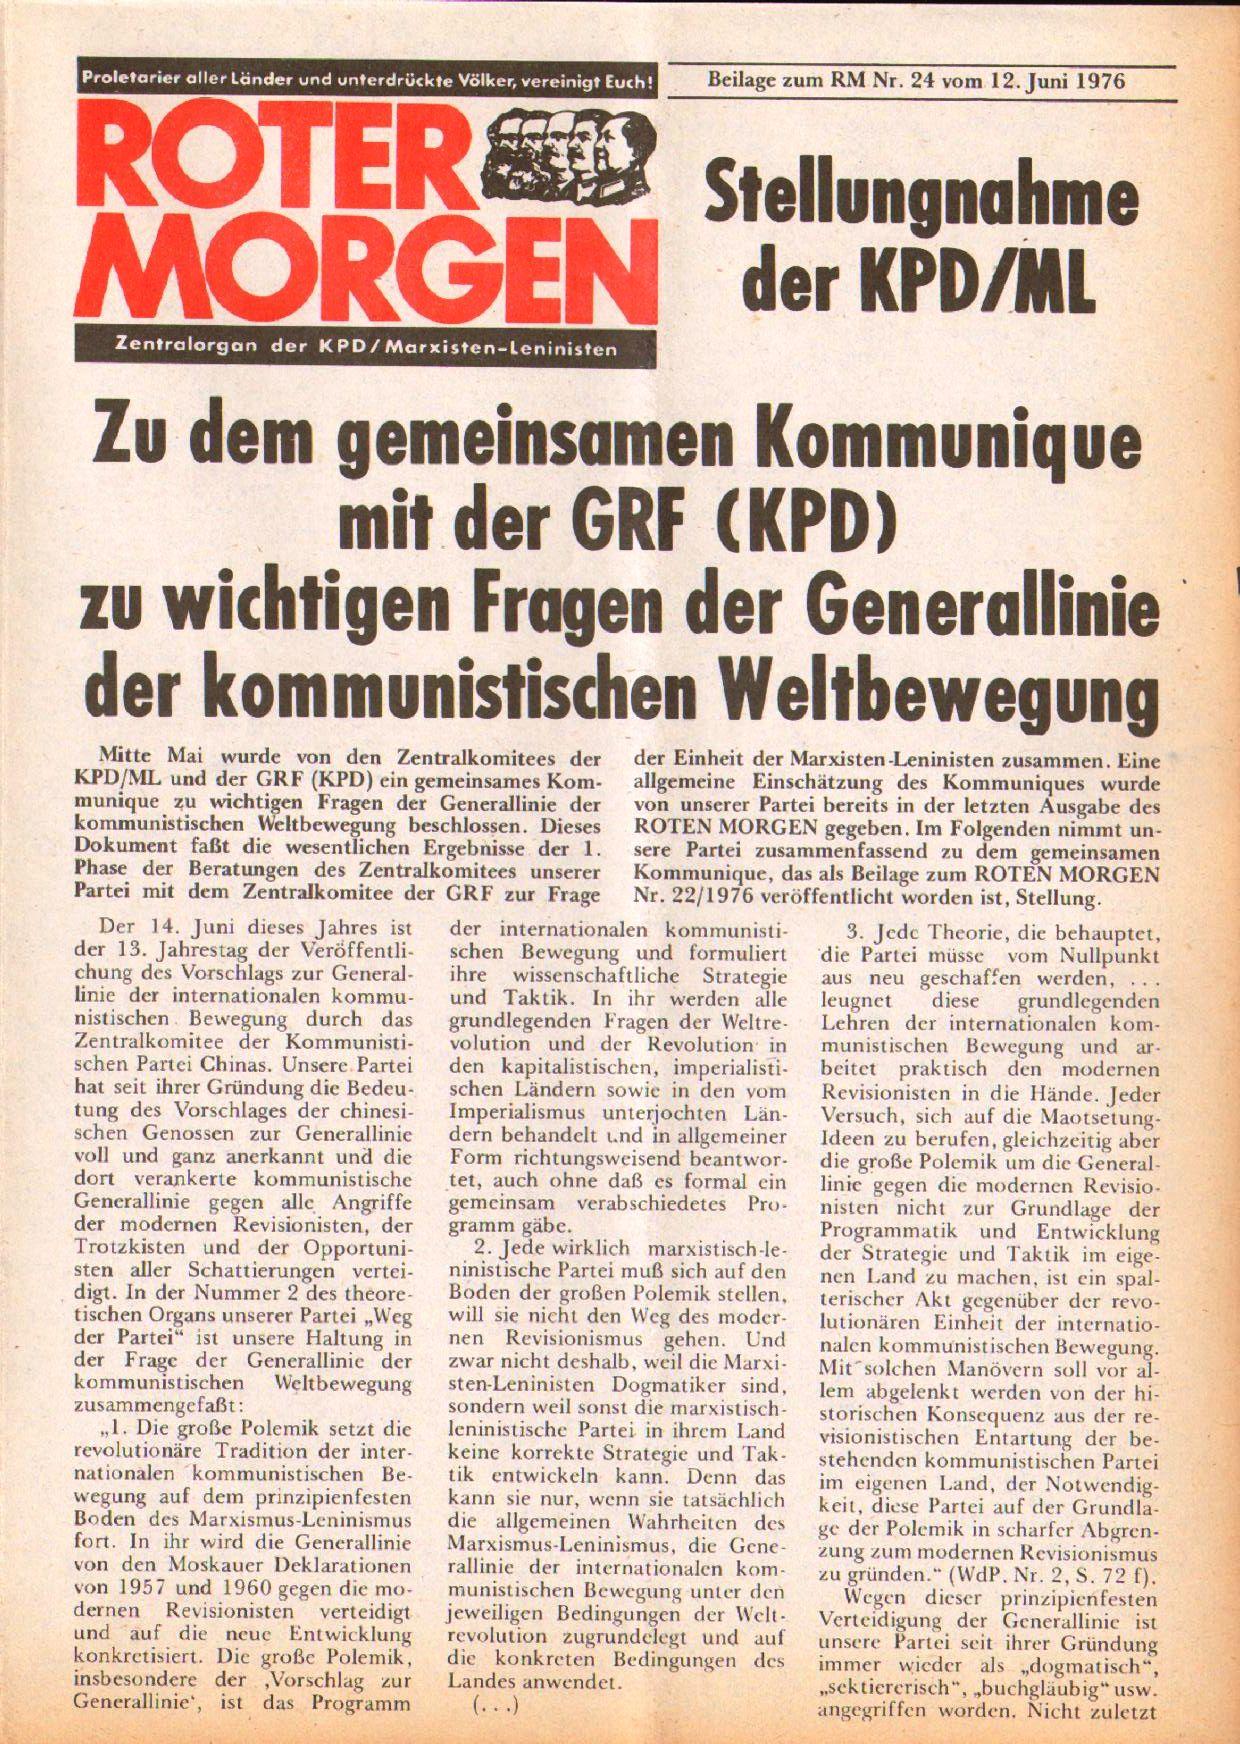 Roter Morgen, 10. Jg., 12. Juni 1976, Beilage: Zum Kommumique, Seite 1